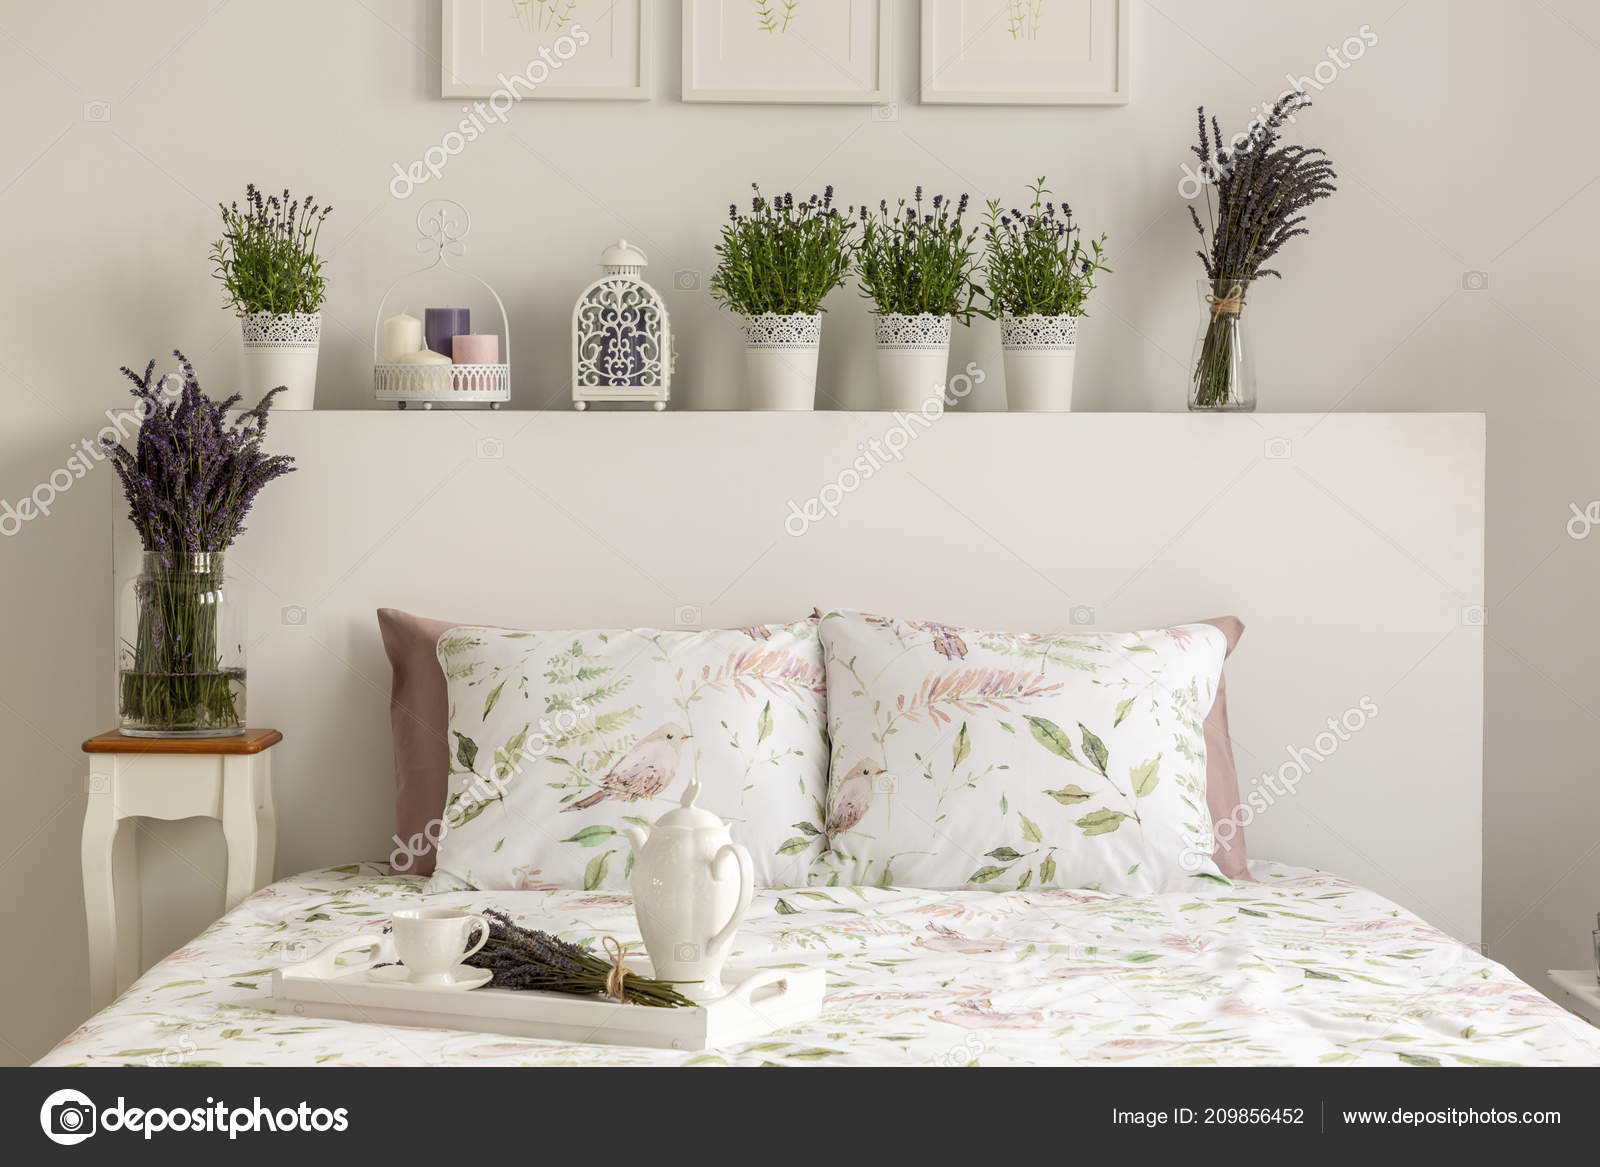 Lavendel Schlafzimmer Innenraum Mit Einem Bett Kissen ...